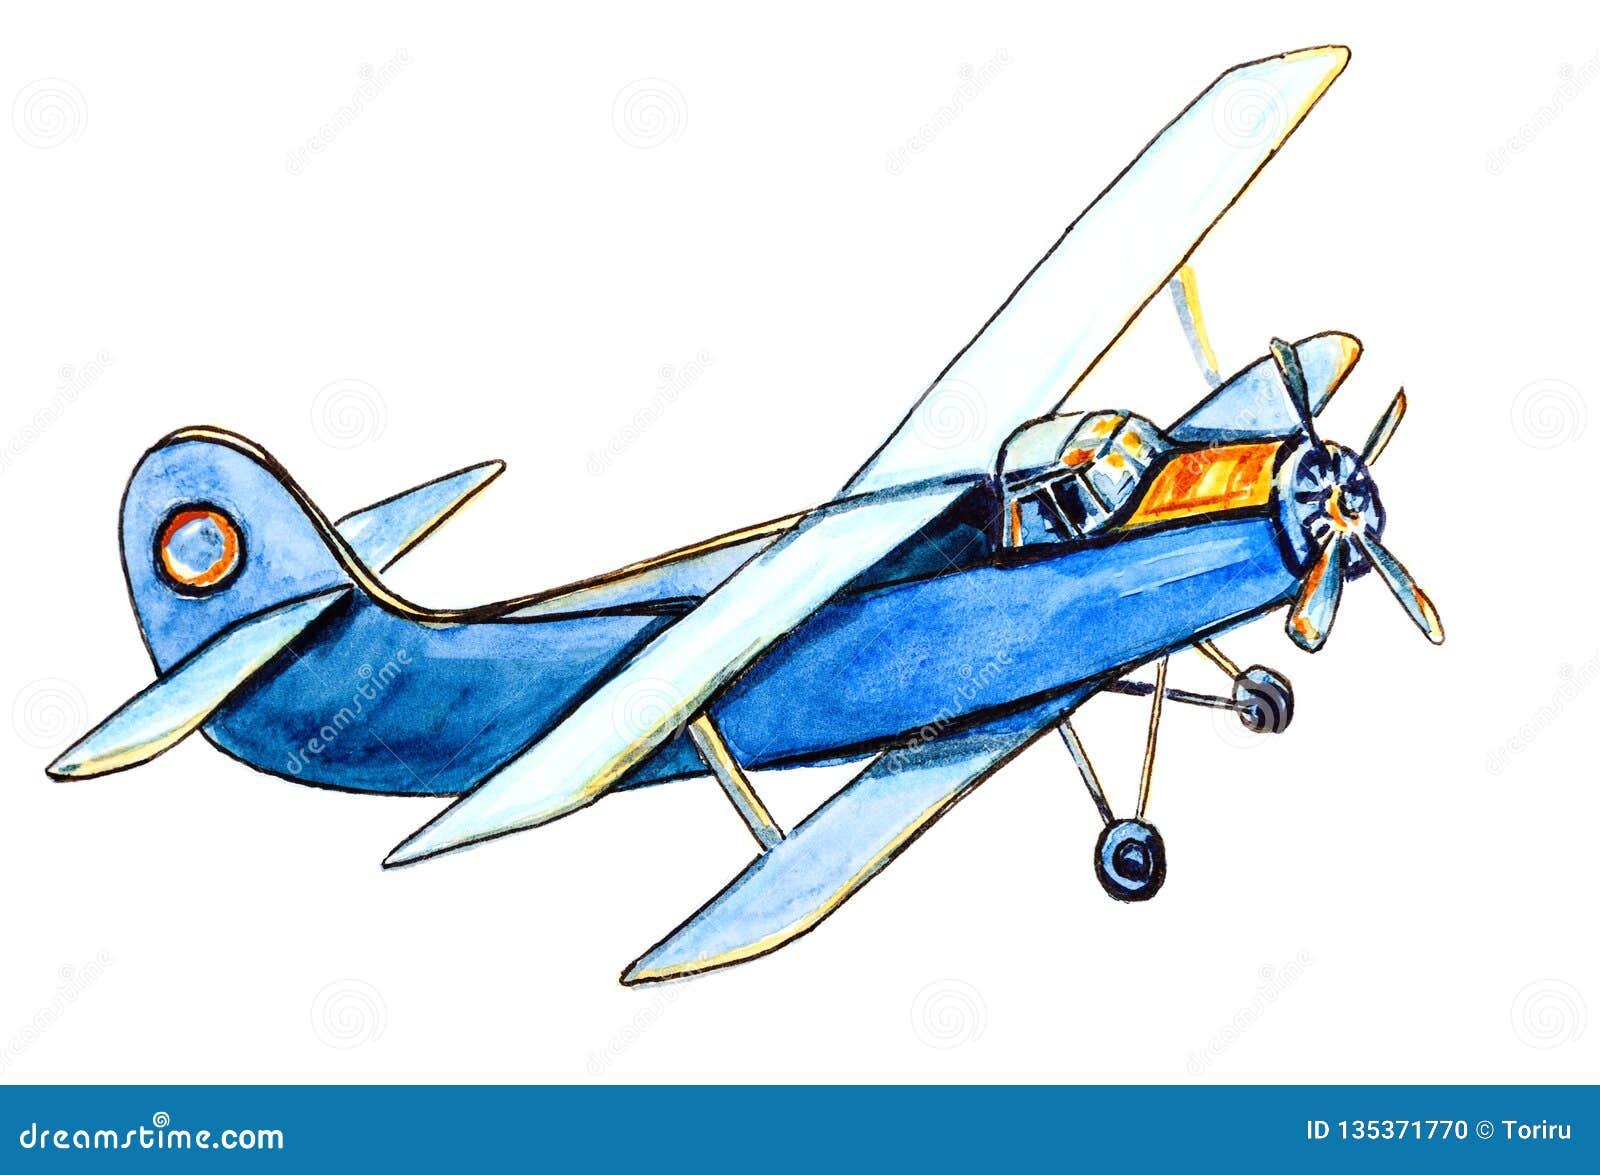 Vintage blue airplane